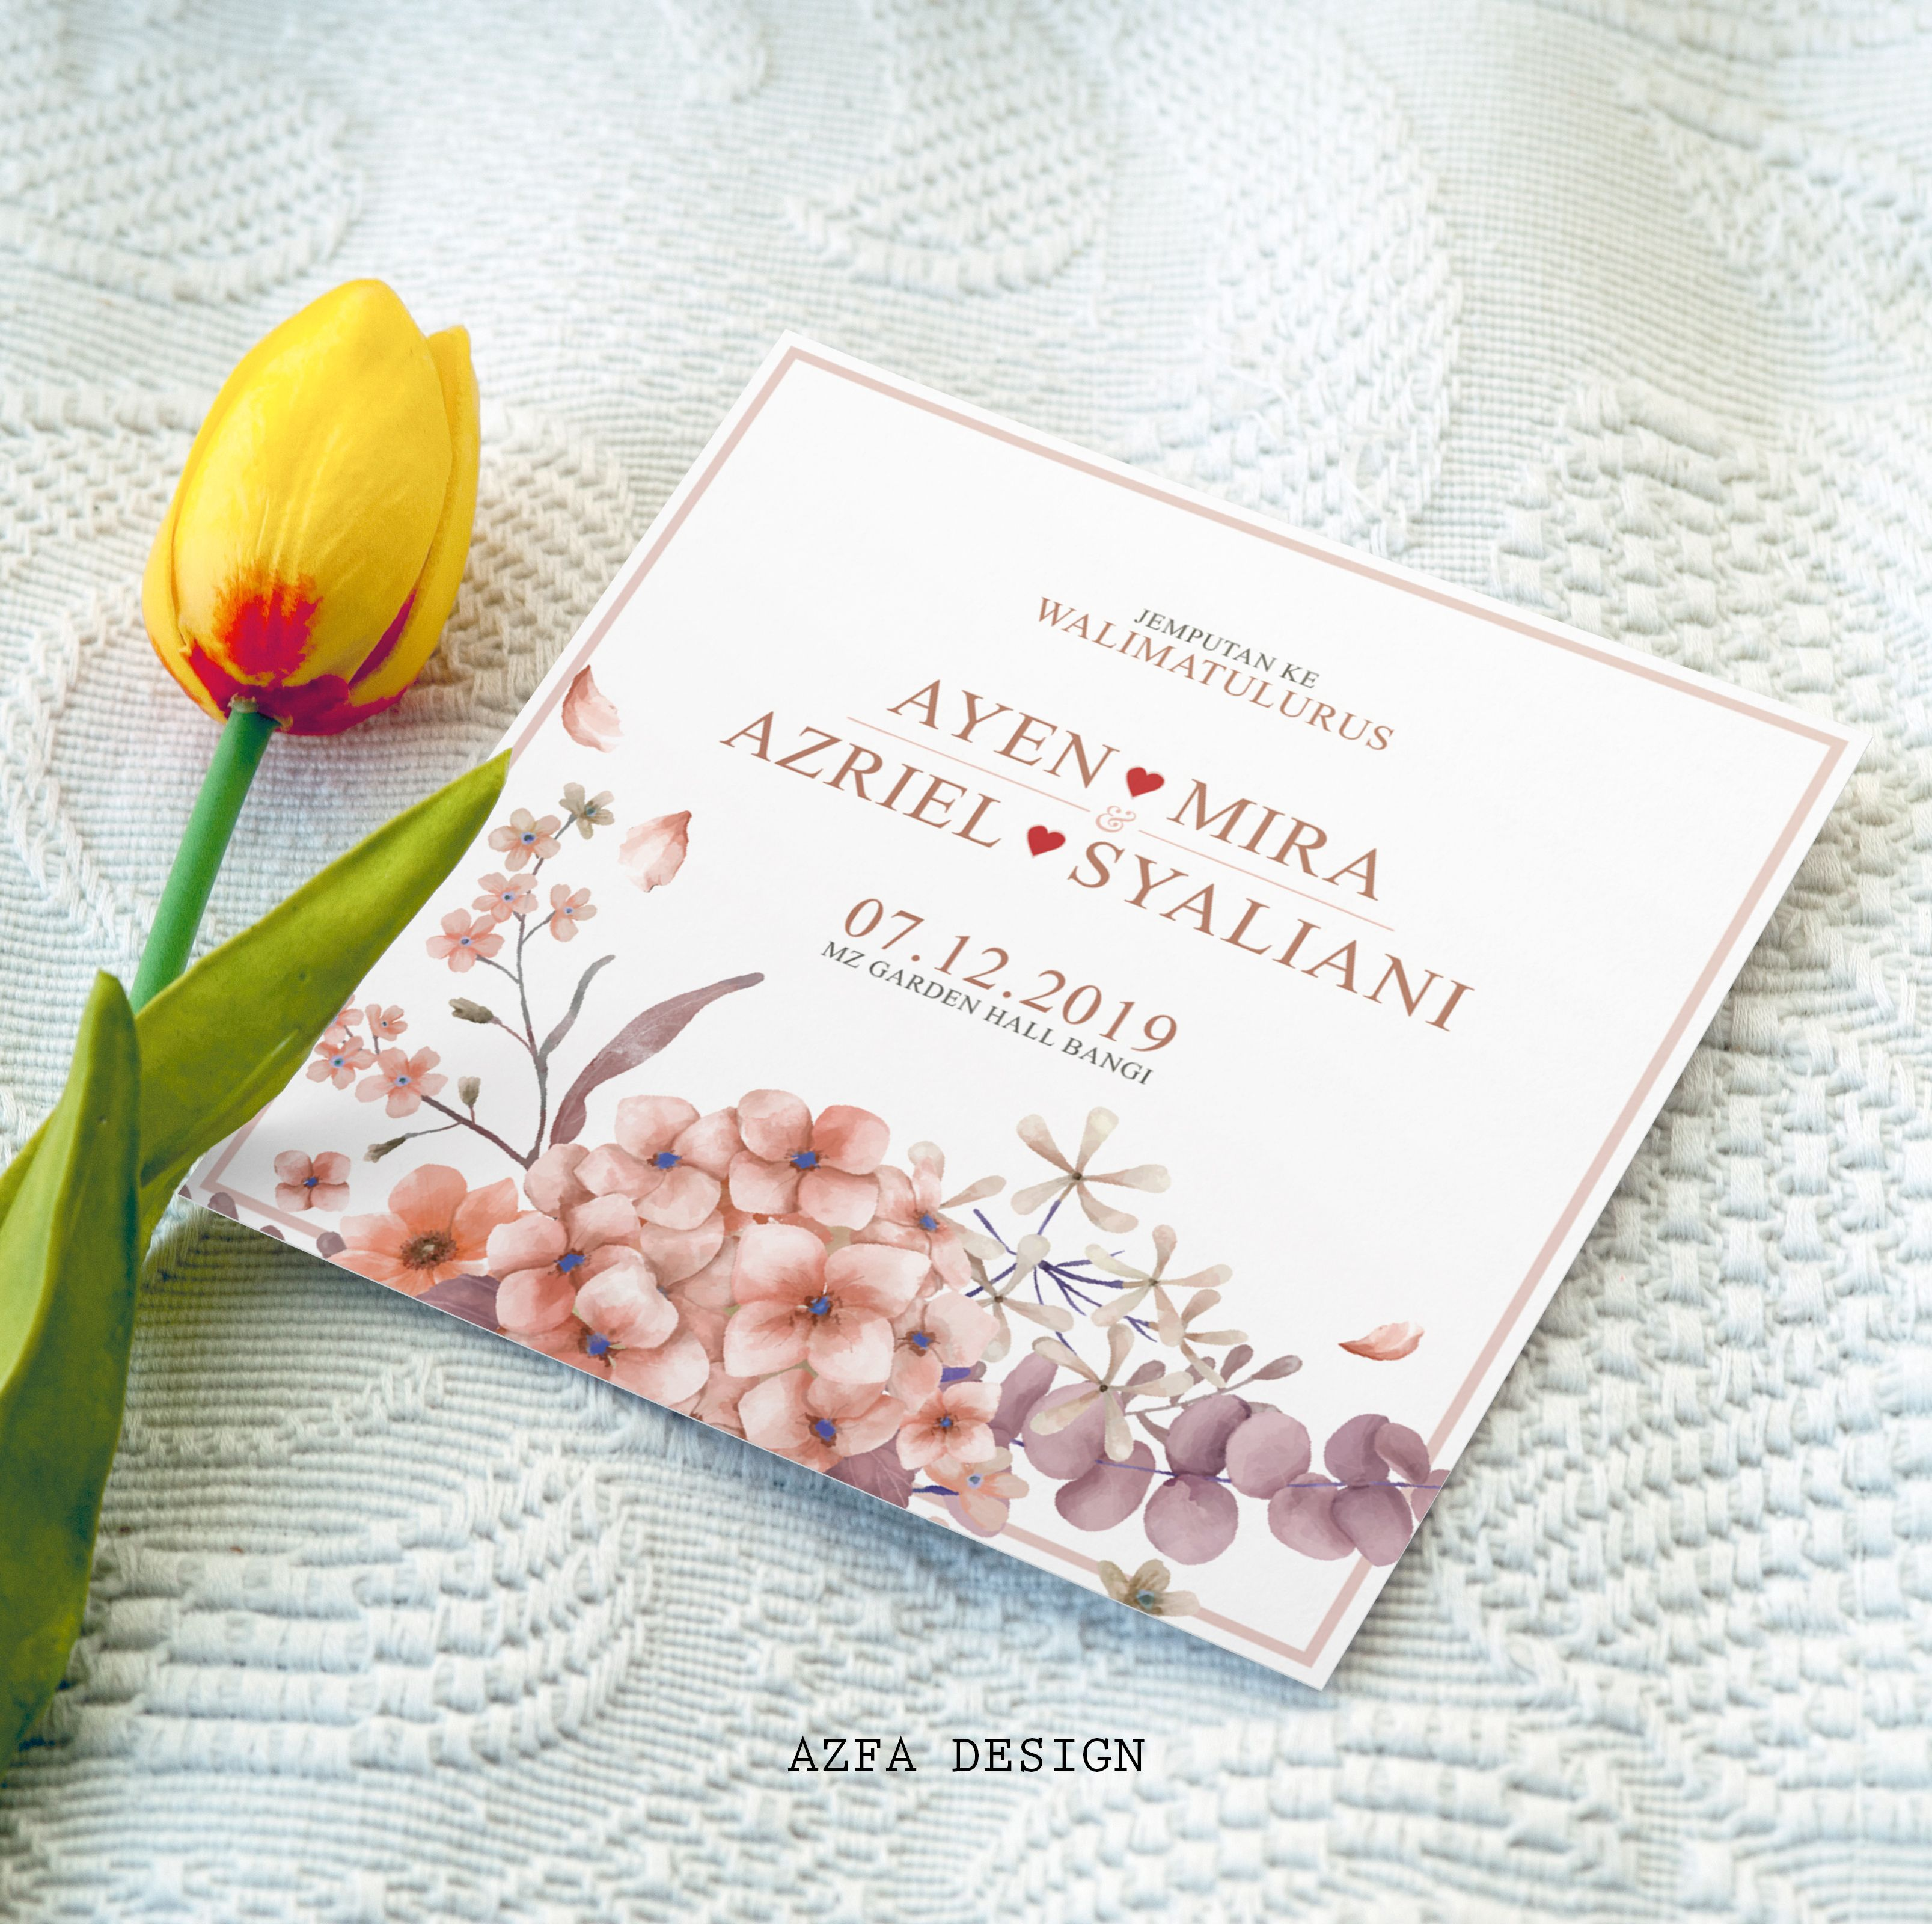 Azfadesign Kadkahwin Majlis Perkahwinan Anda Sunyi Sepi Tanpa Kehadiran Tetamu Yelah Busy Sampai Lupa Settle Kad Kahwi Invitation Cards Cards Invitations